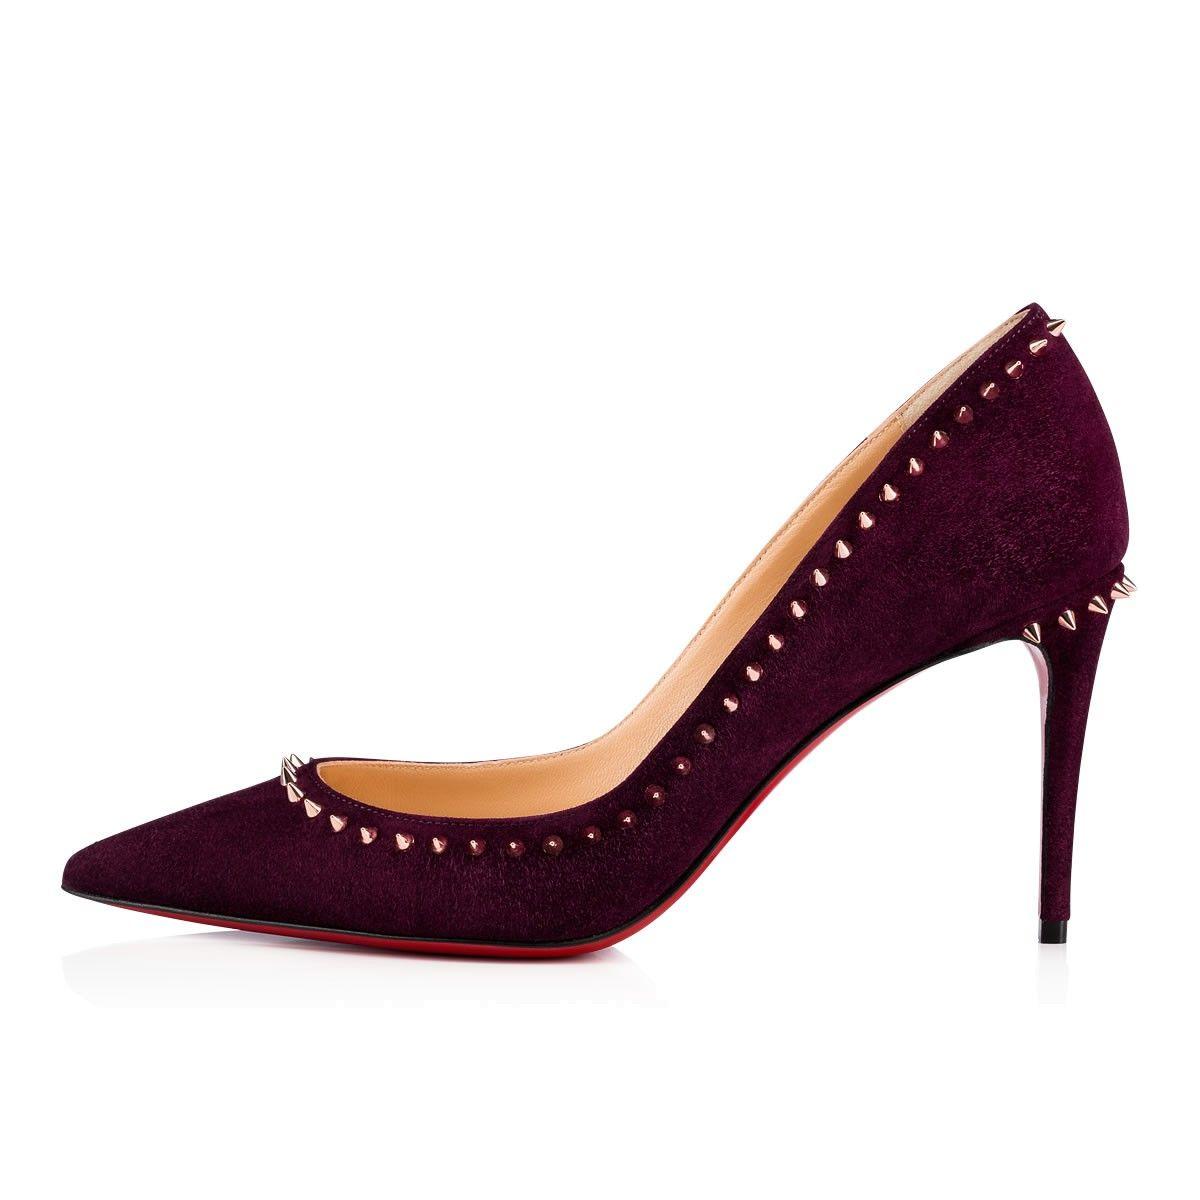 cedbf320d28b Anjalina 85 Merlot Copper Suede - Women Shoes - Christian Louboutin